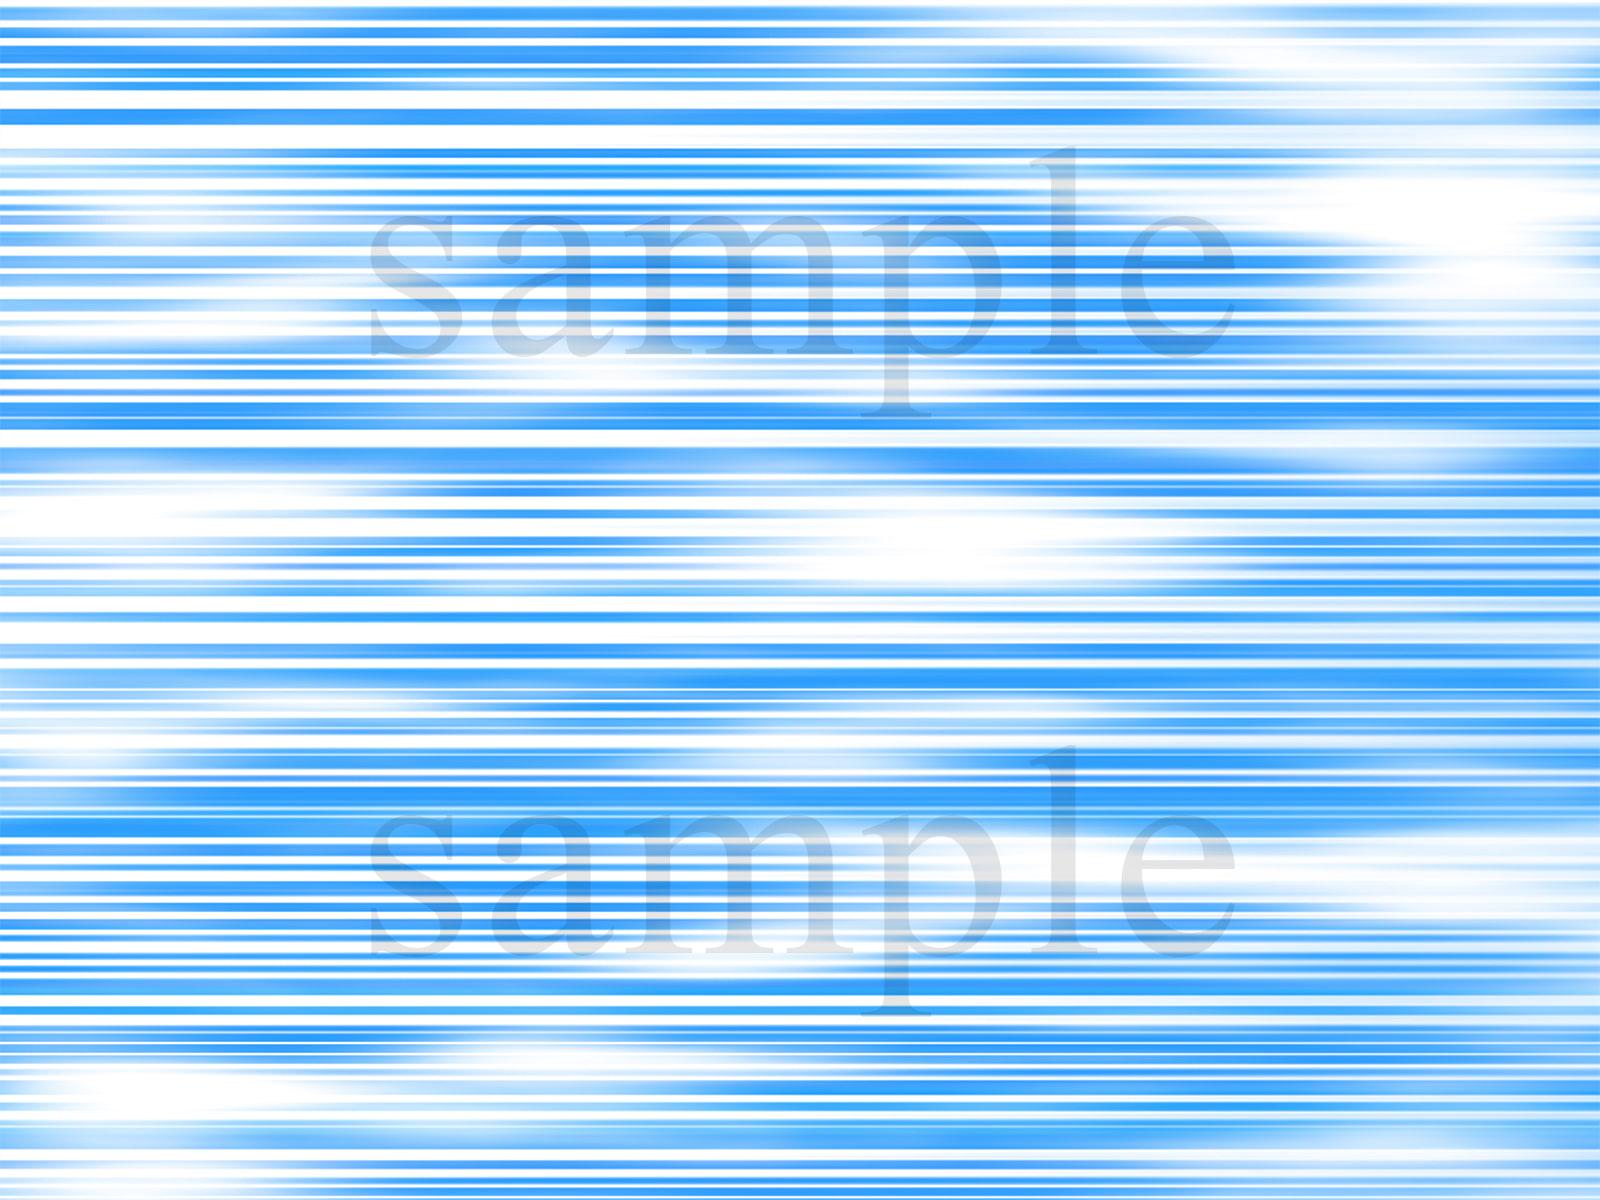 著作権フリー画像素材「スピード線背景」